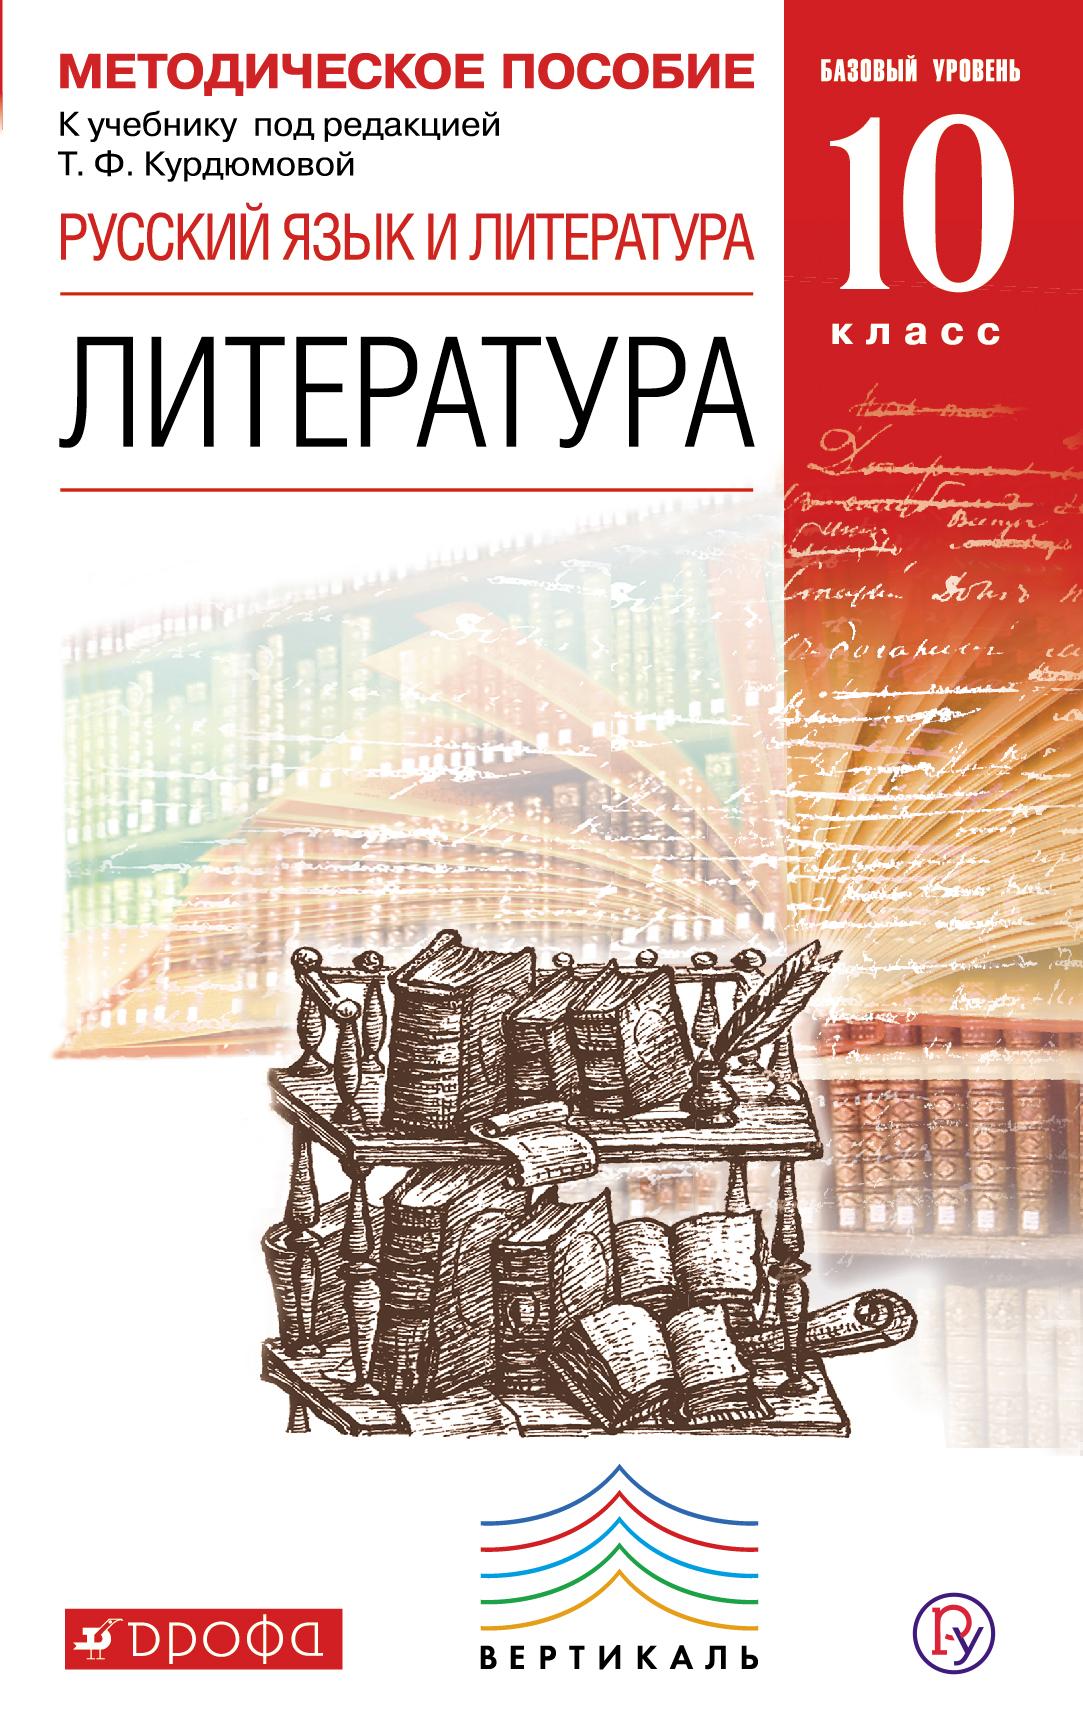 Русский язык и литература. Литература. Базовый уровень. 10 класс. Методическое пособие